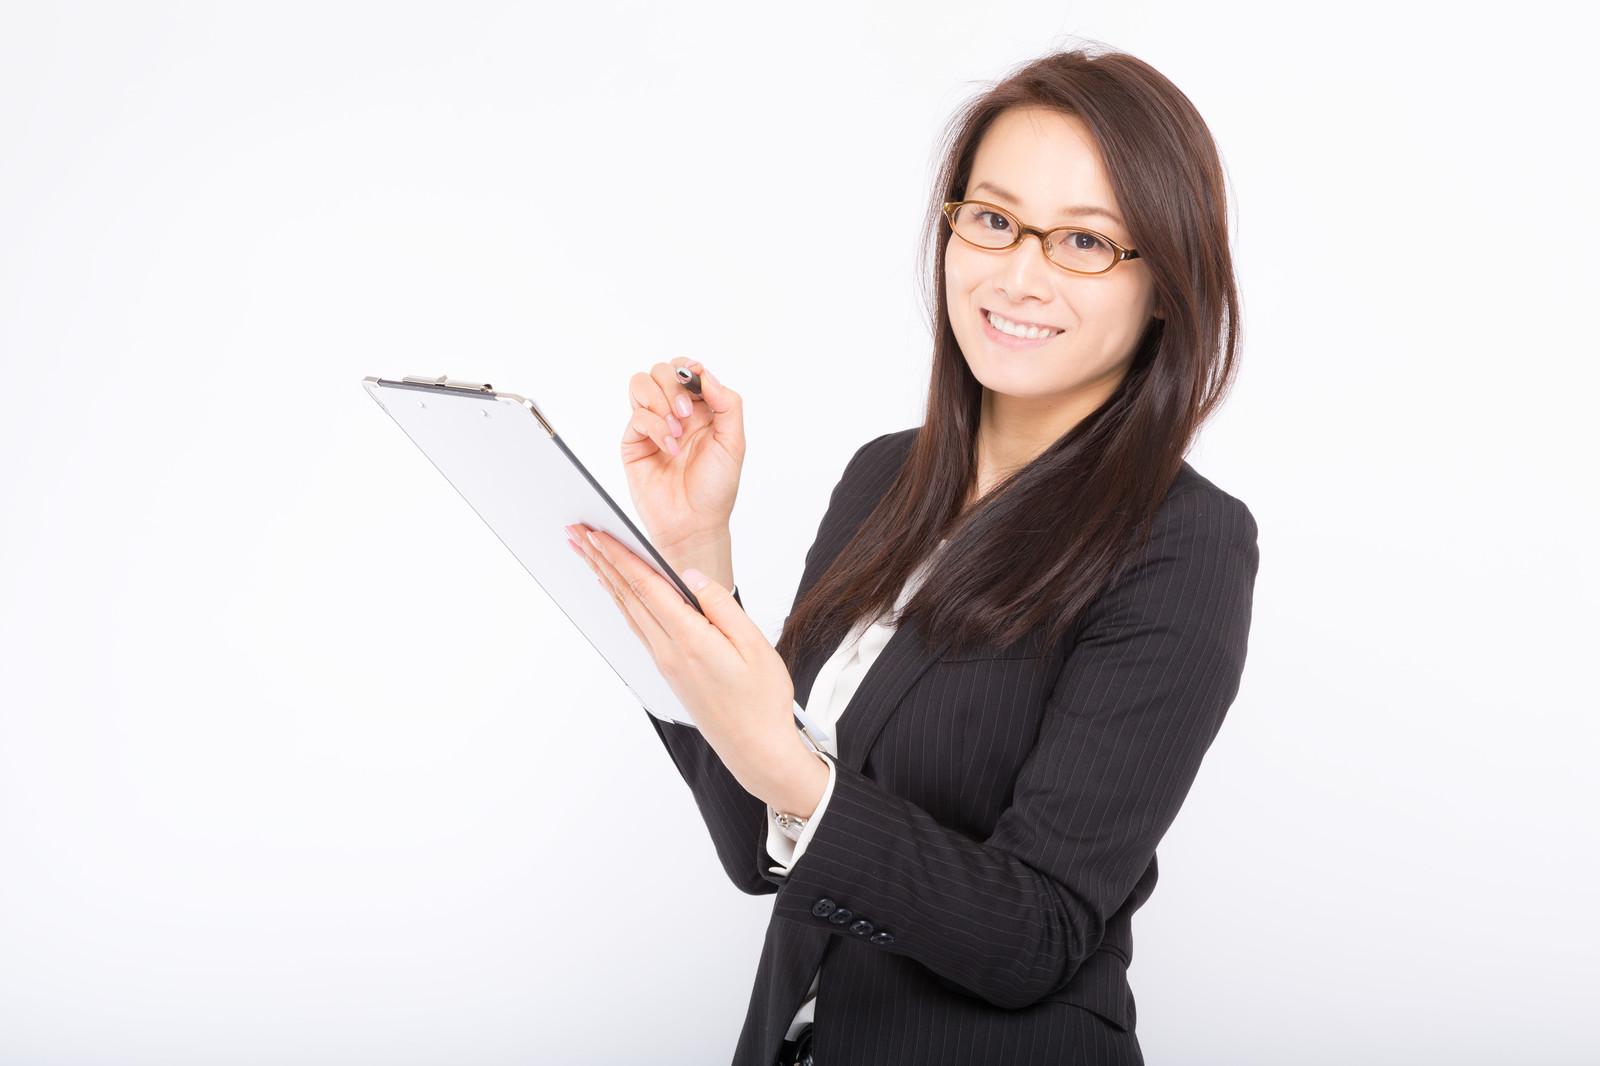 夜職から昼職へ転職する人に必要なモノ3選